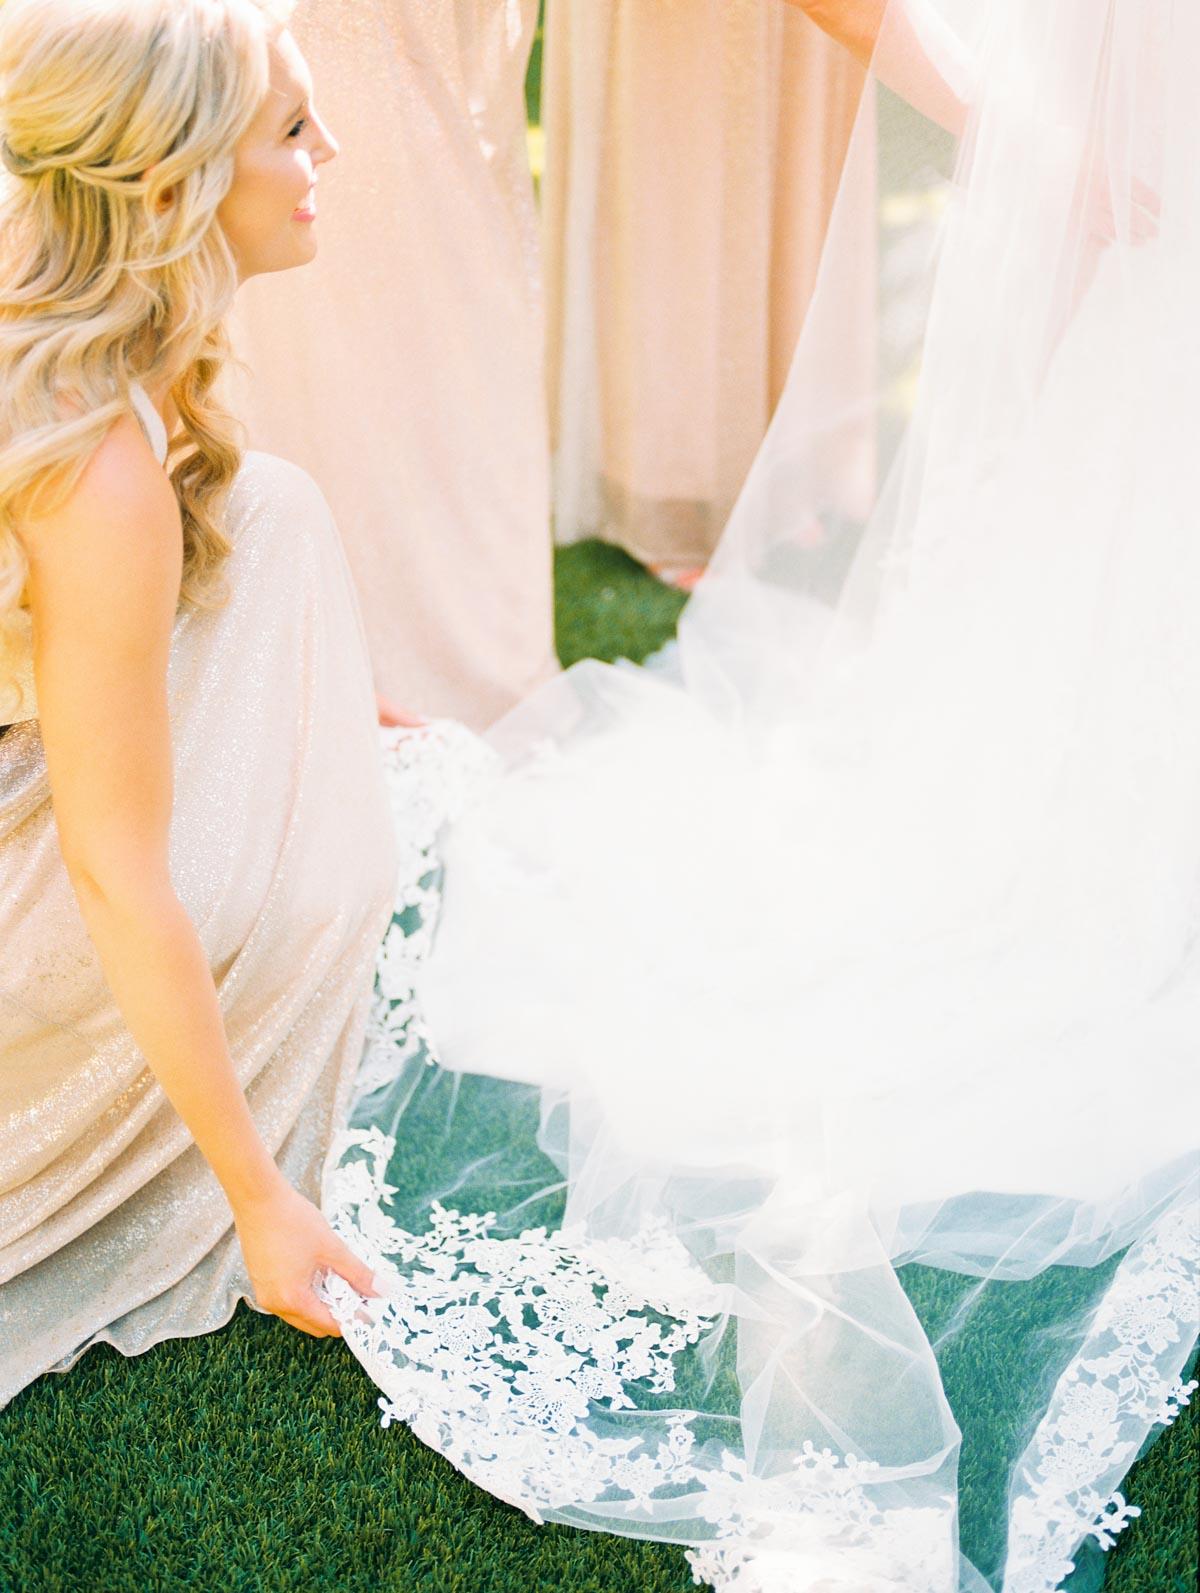 bridesmaid-helping-bride.jpg